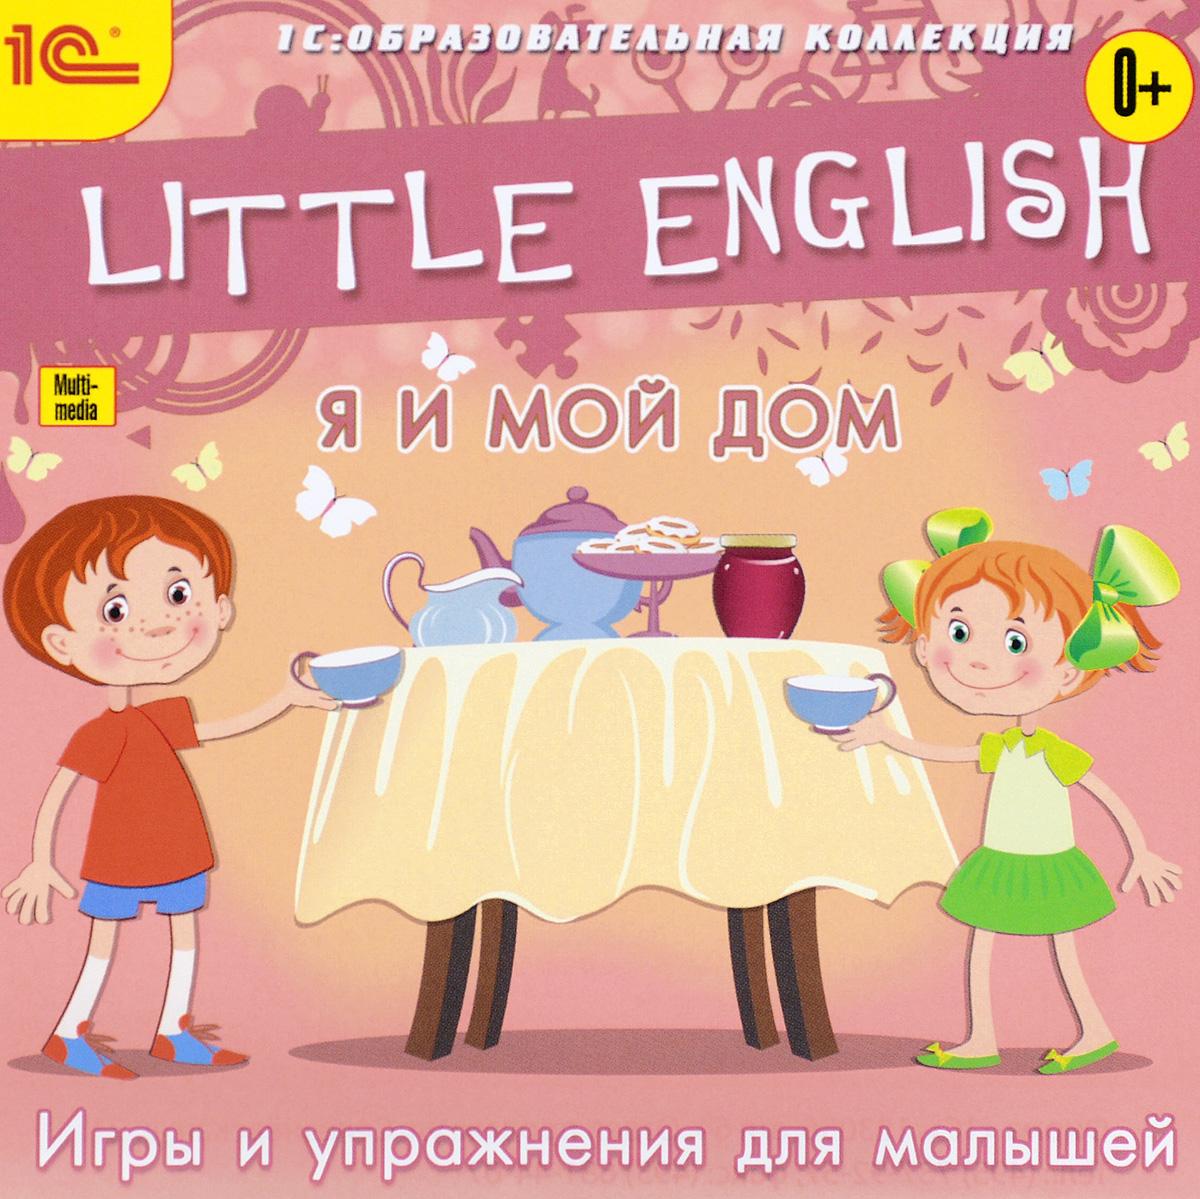 1С: Образовательная коллекция. Little English. Я и мой дом обучающие диски 1с паблишинг 1с образовательная коллекция я считаю лучше всех